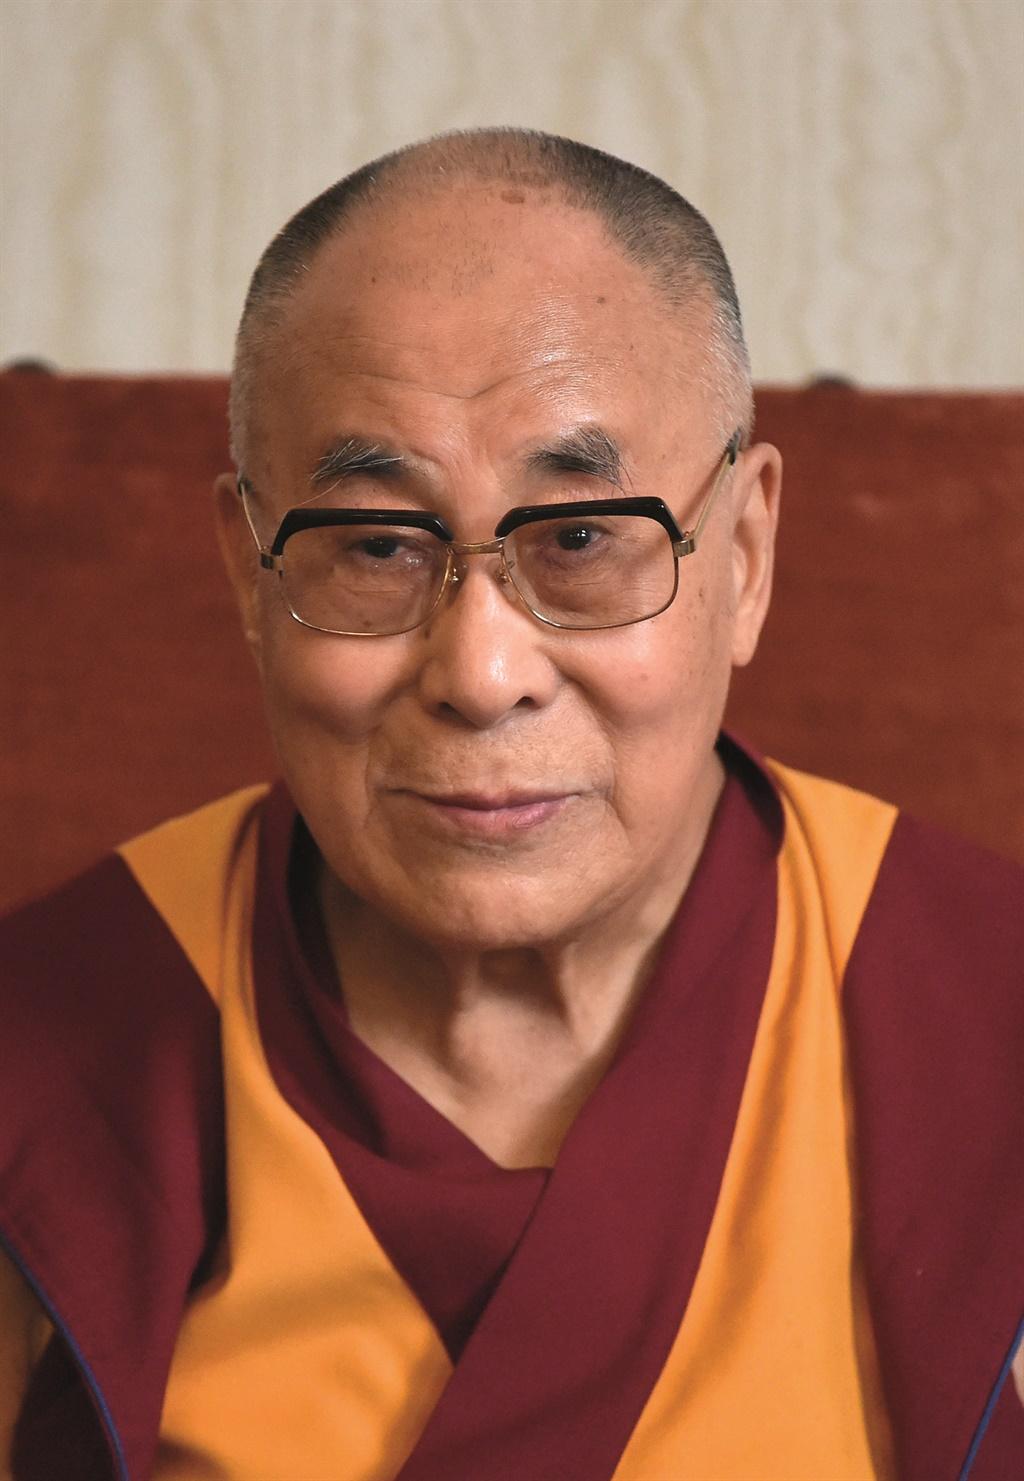 Tenzin Gyatso is die 14de en huidige Dalai Lama, d